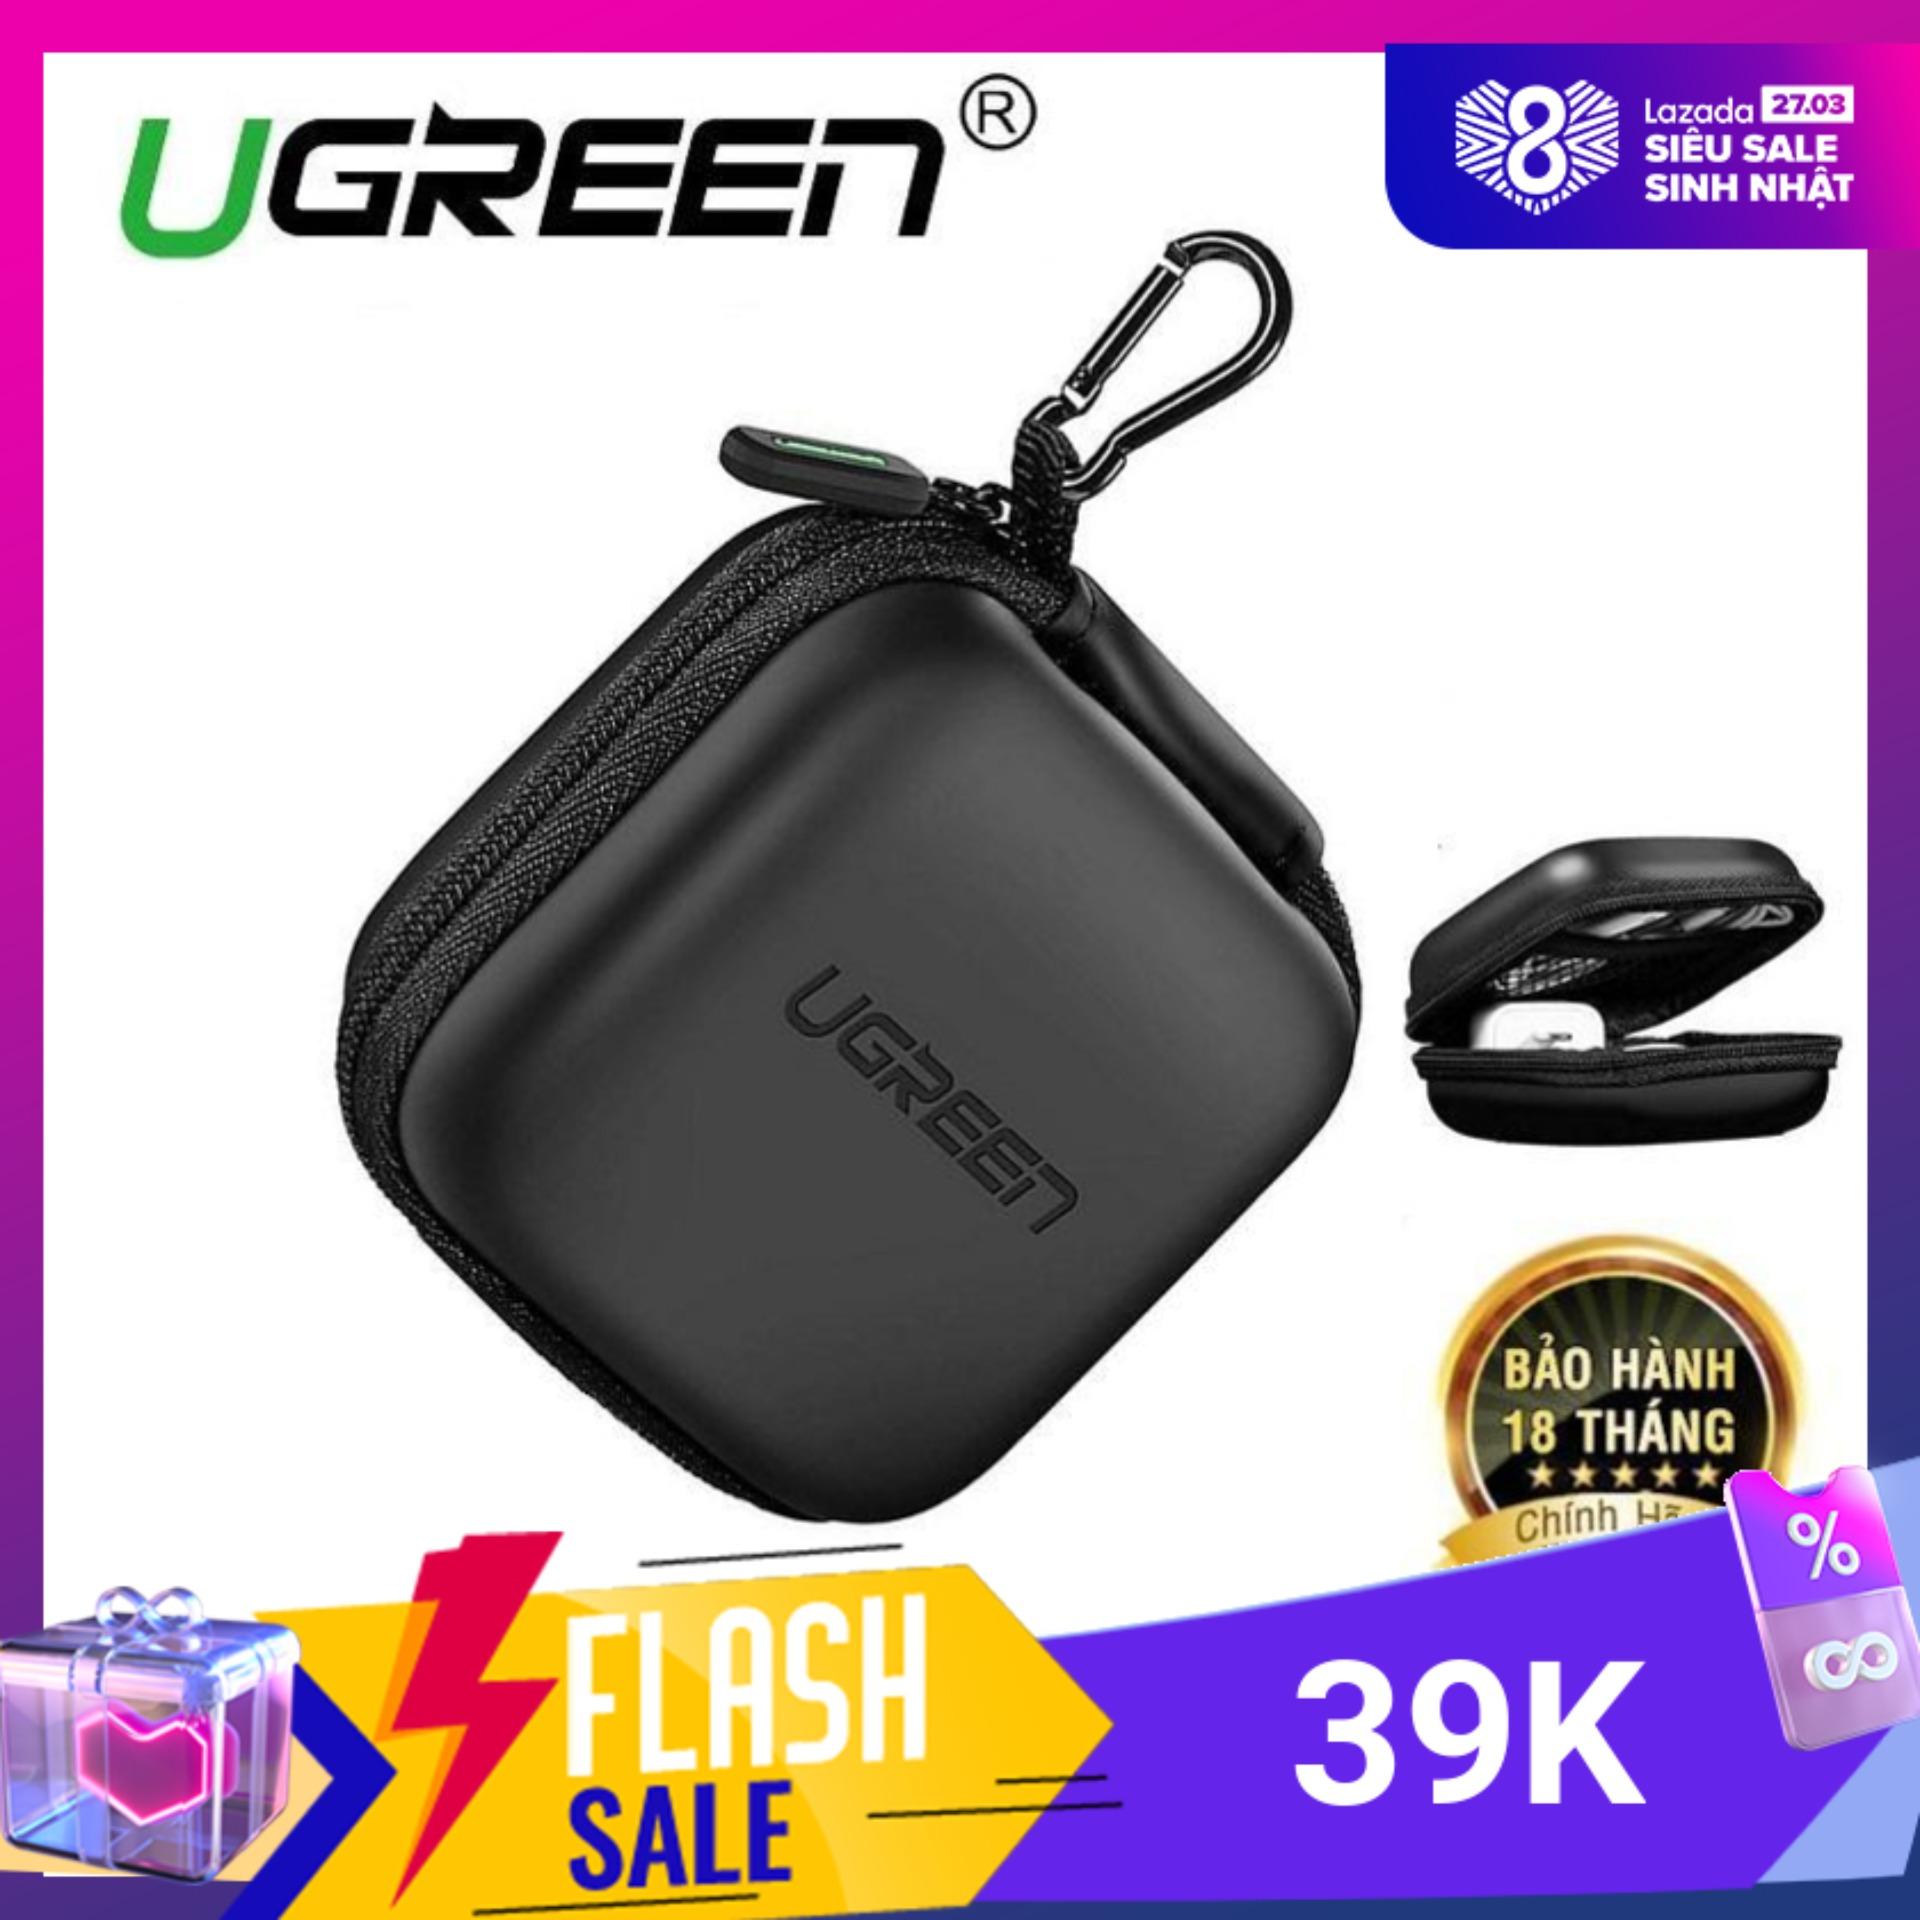 Hộp đựng tai nghe thẻ nhớ cáp USB chống sốc chống nước UGREEN 40816 - Hãng phân phối chính thức